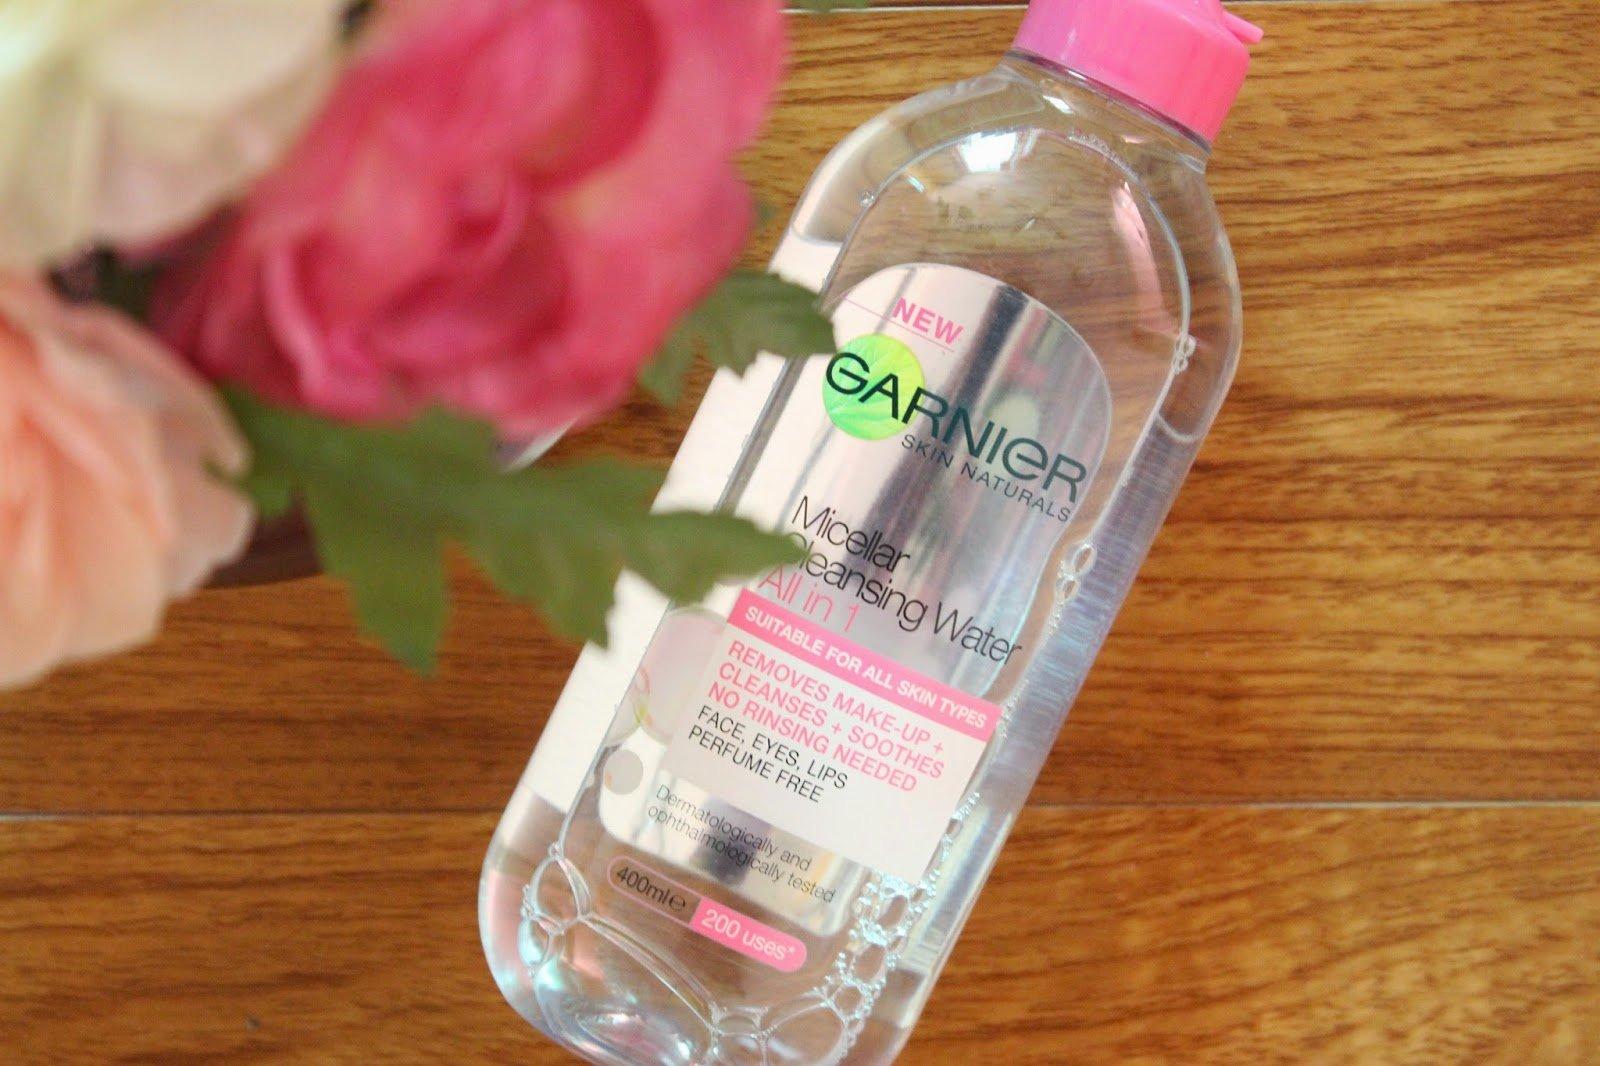 nước tẩy trang Garnier hồng